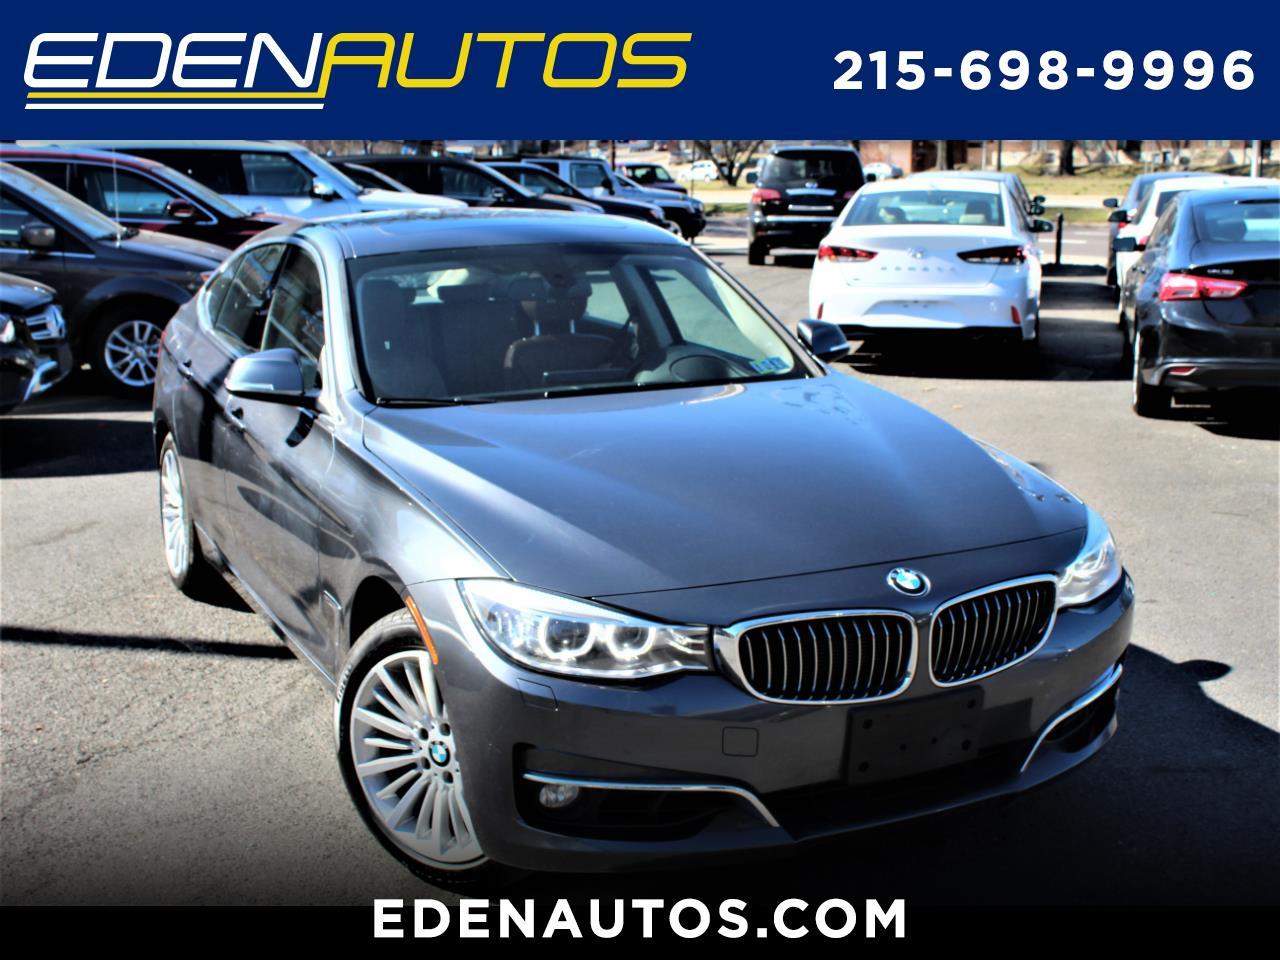 BMW 3 Series Gran Turismo 5dr 335i xDrive Gran Turismo AWD 2014